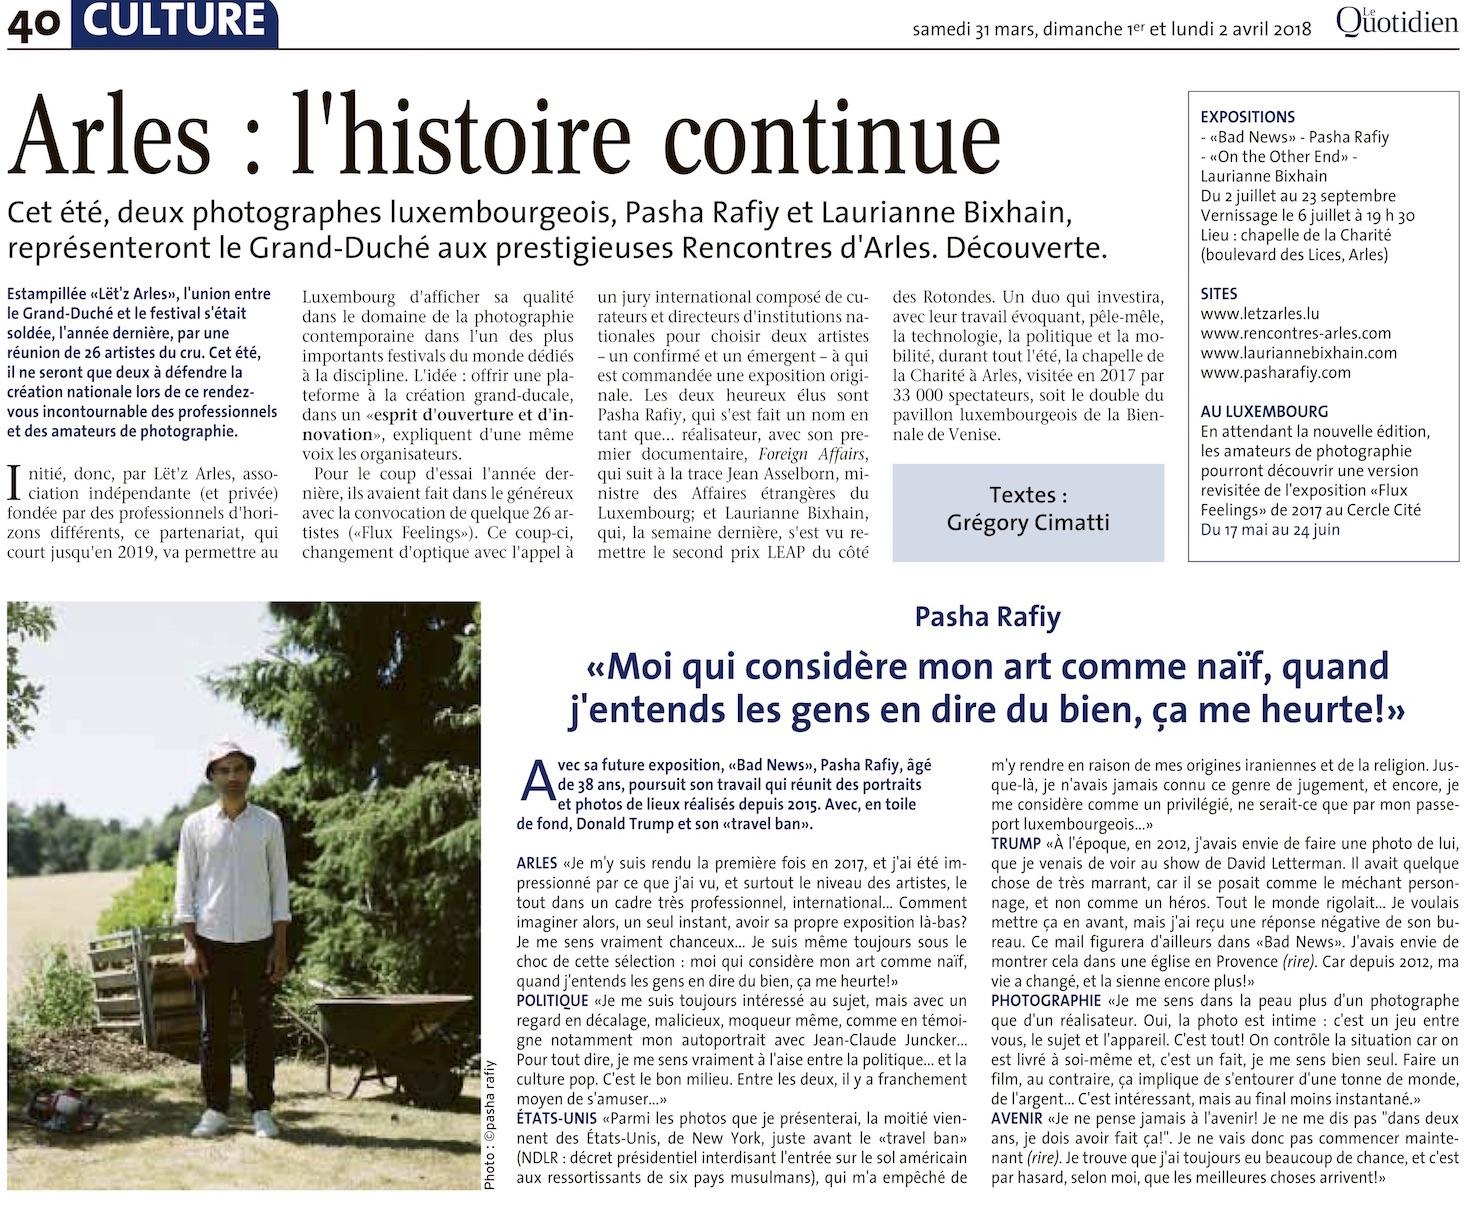 Le Quotidien - 31 mars 2018Arles: l'histoire continu